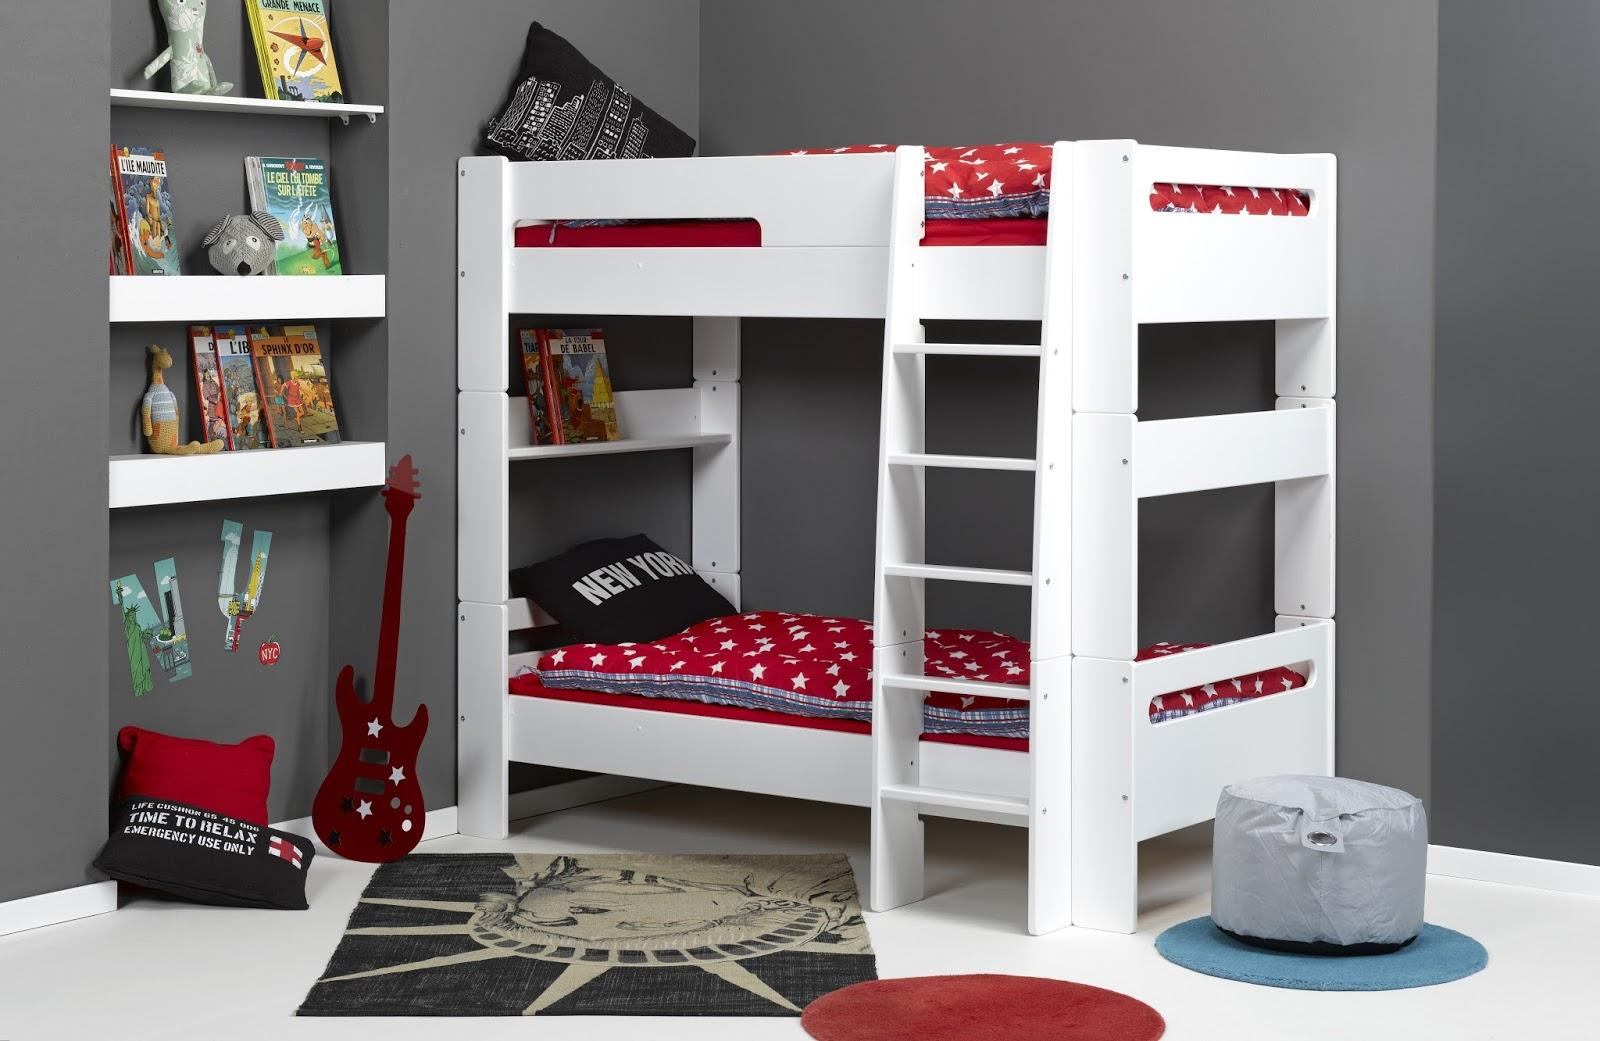 des lits superpos s pour la rentr e. Black Bedroom Furniture Sets. Home Design Ideas